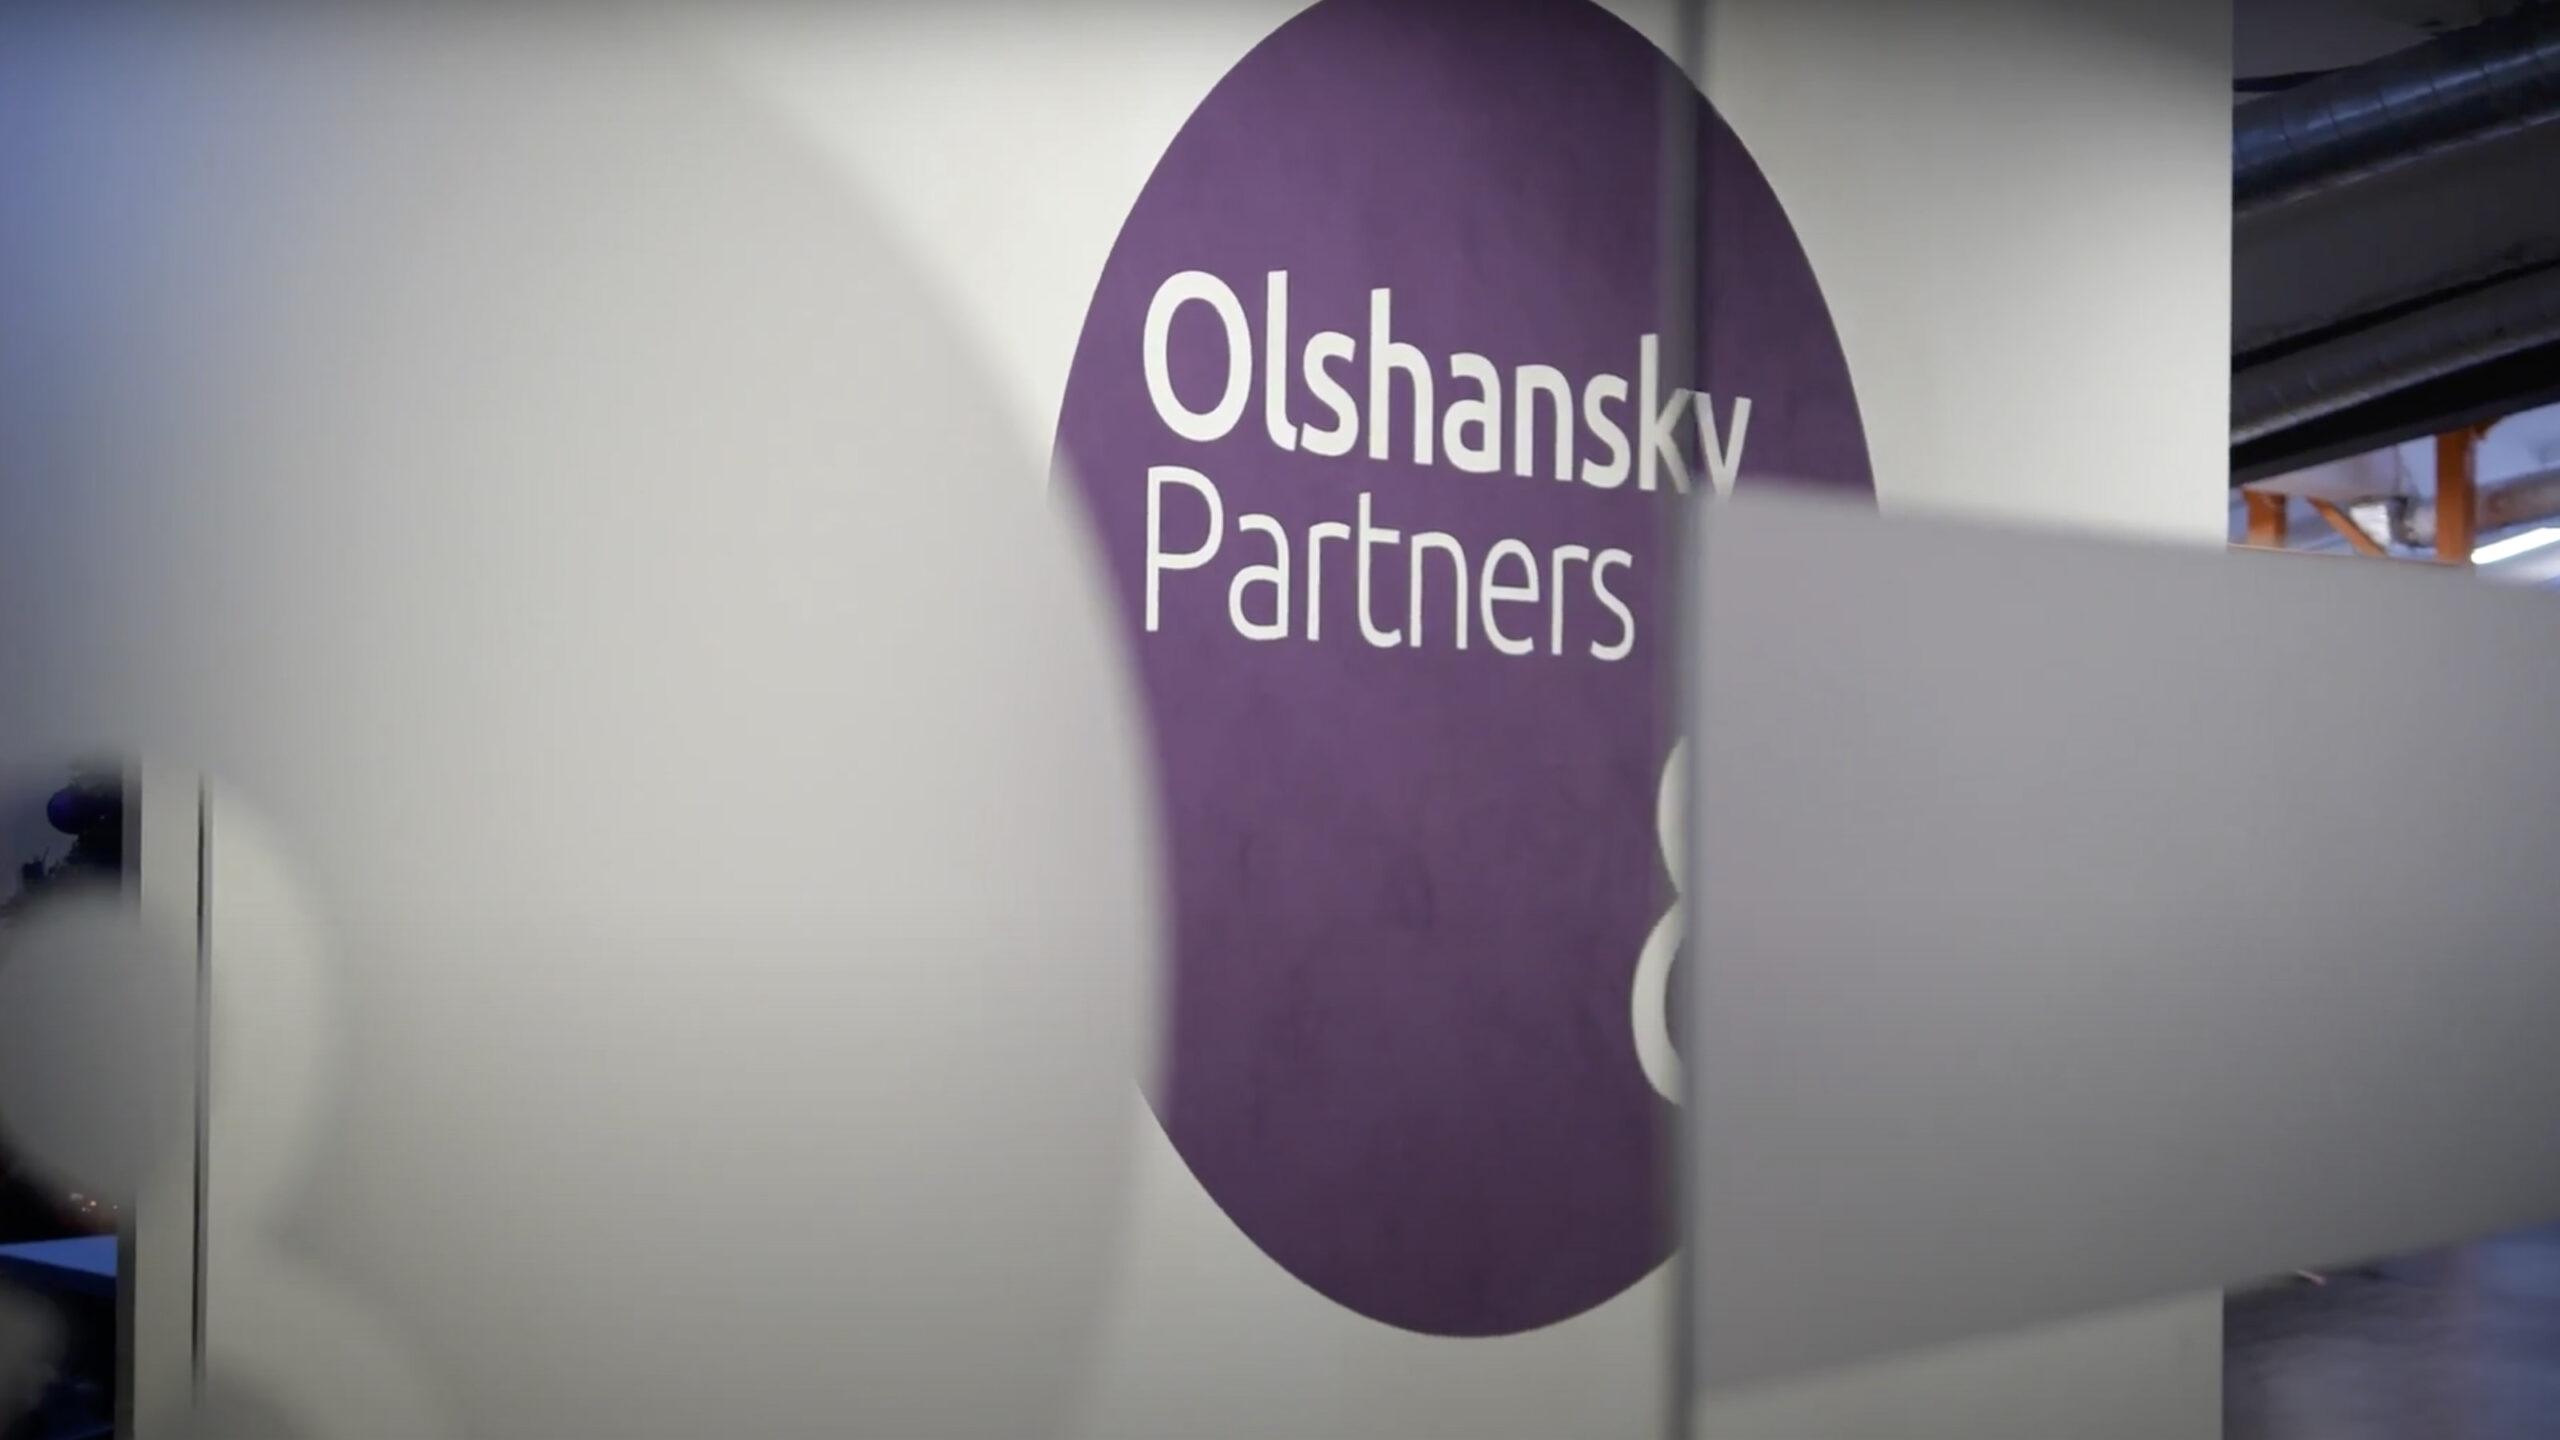 Ольшанский & Партнеры